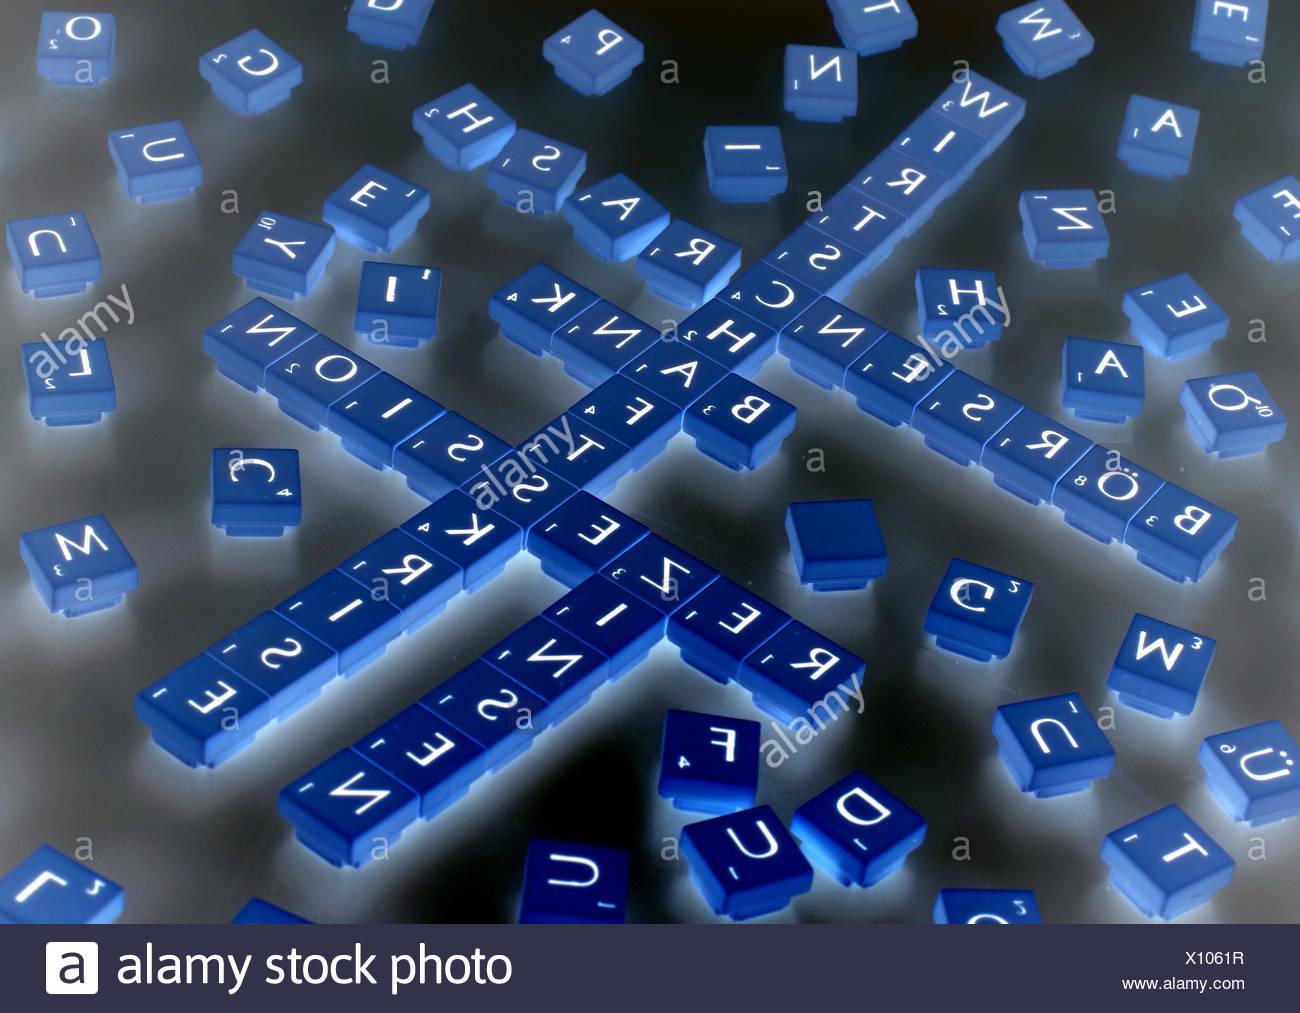 Economy - Stock Image